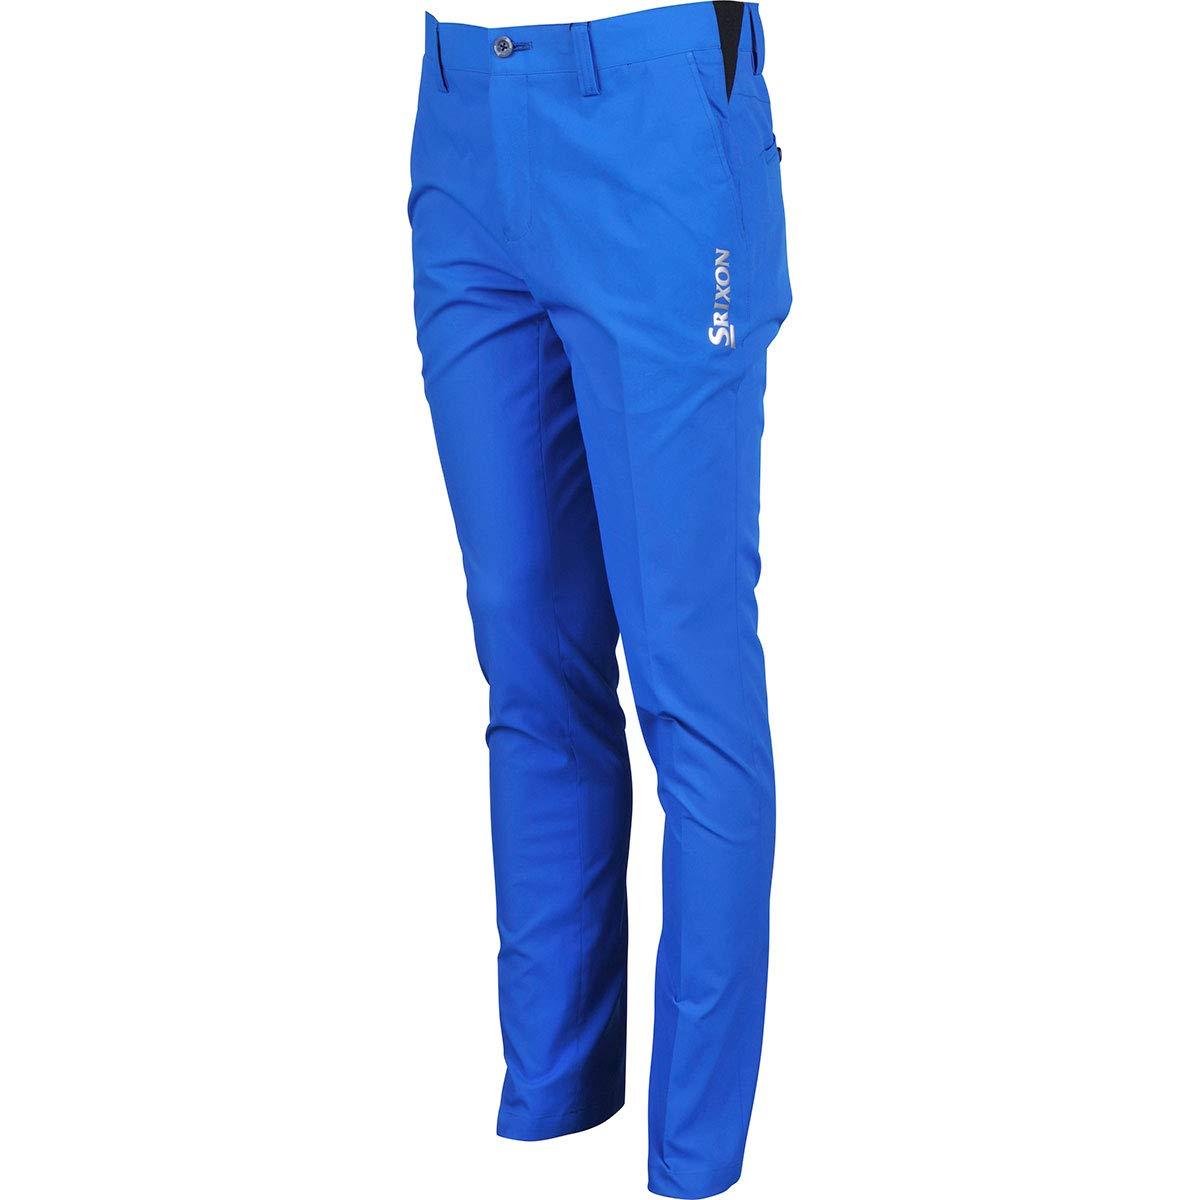 スリクソンゴルフ SRIXON ロングパンツ ストレッチロングパンツ ブルー 00 79   B07P3H8F57